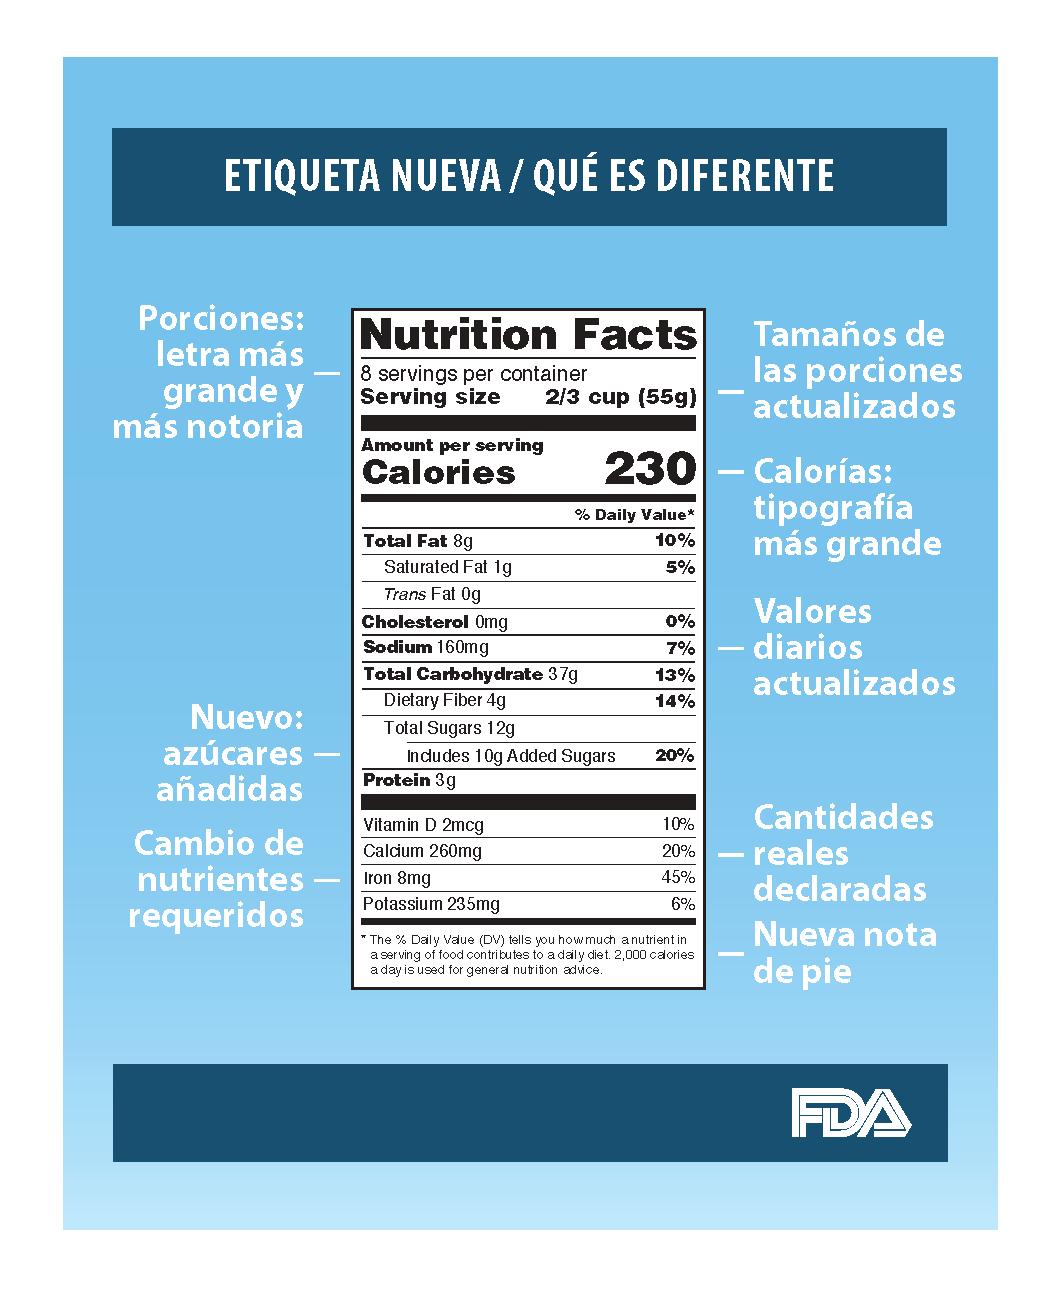 La Fda Moderniza La Etiqueta De Informacion Nutricional De